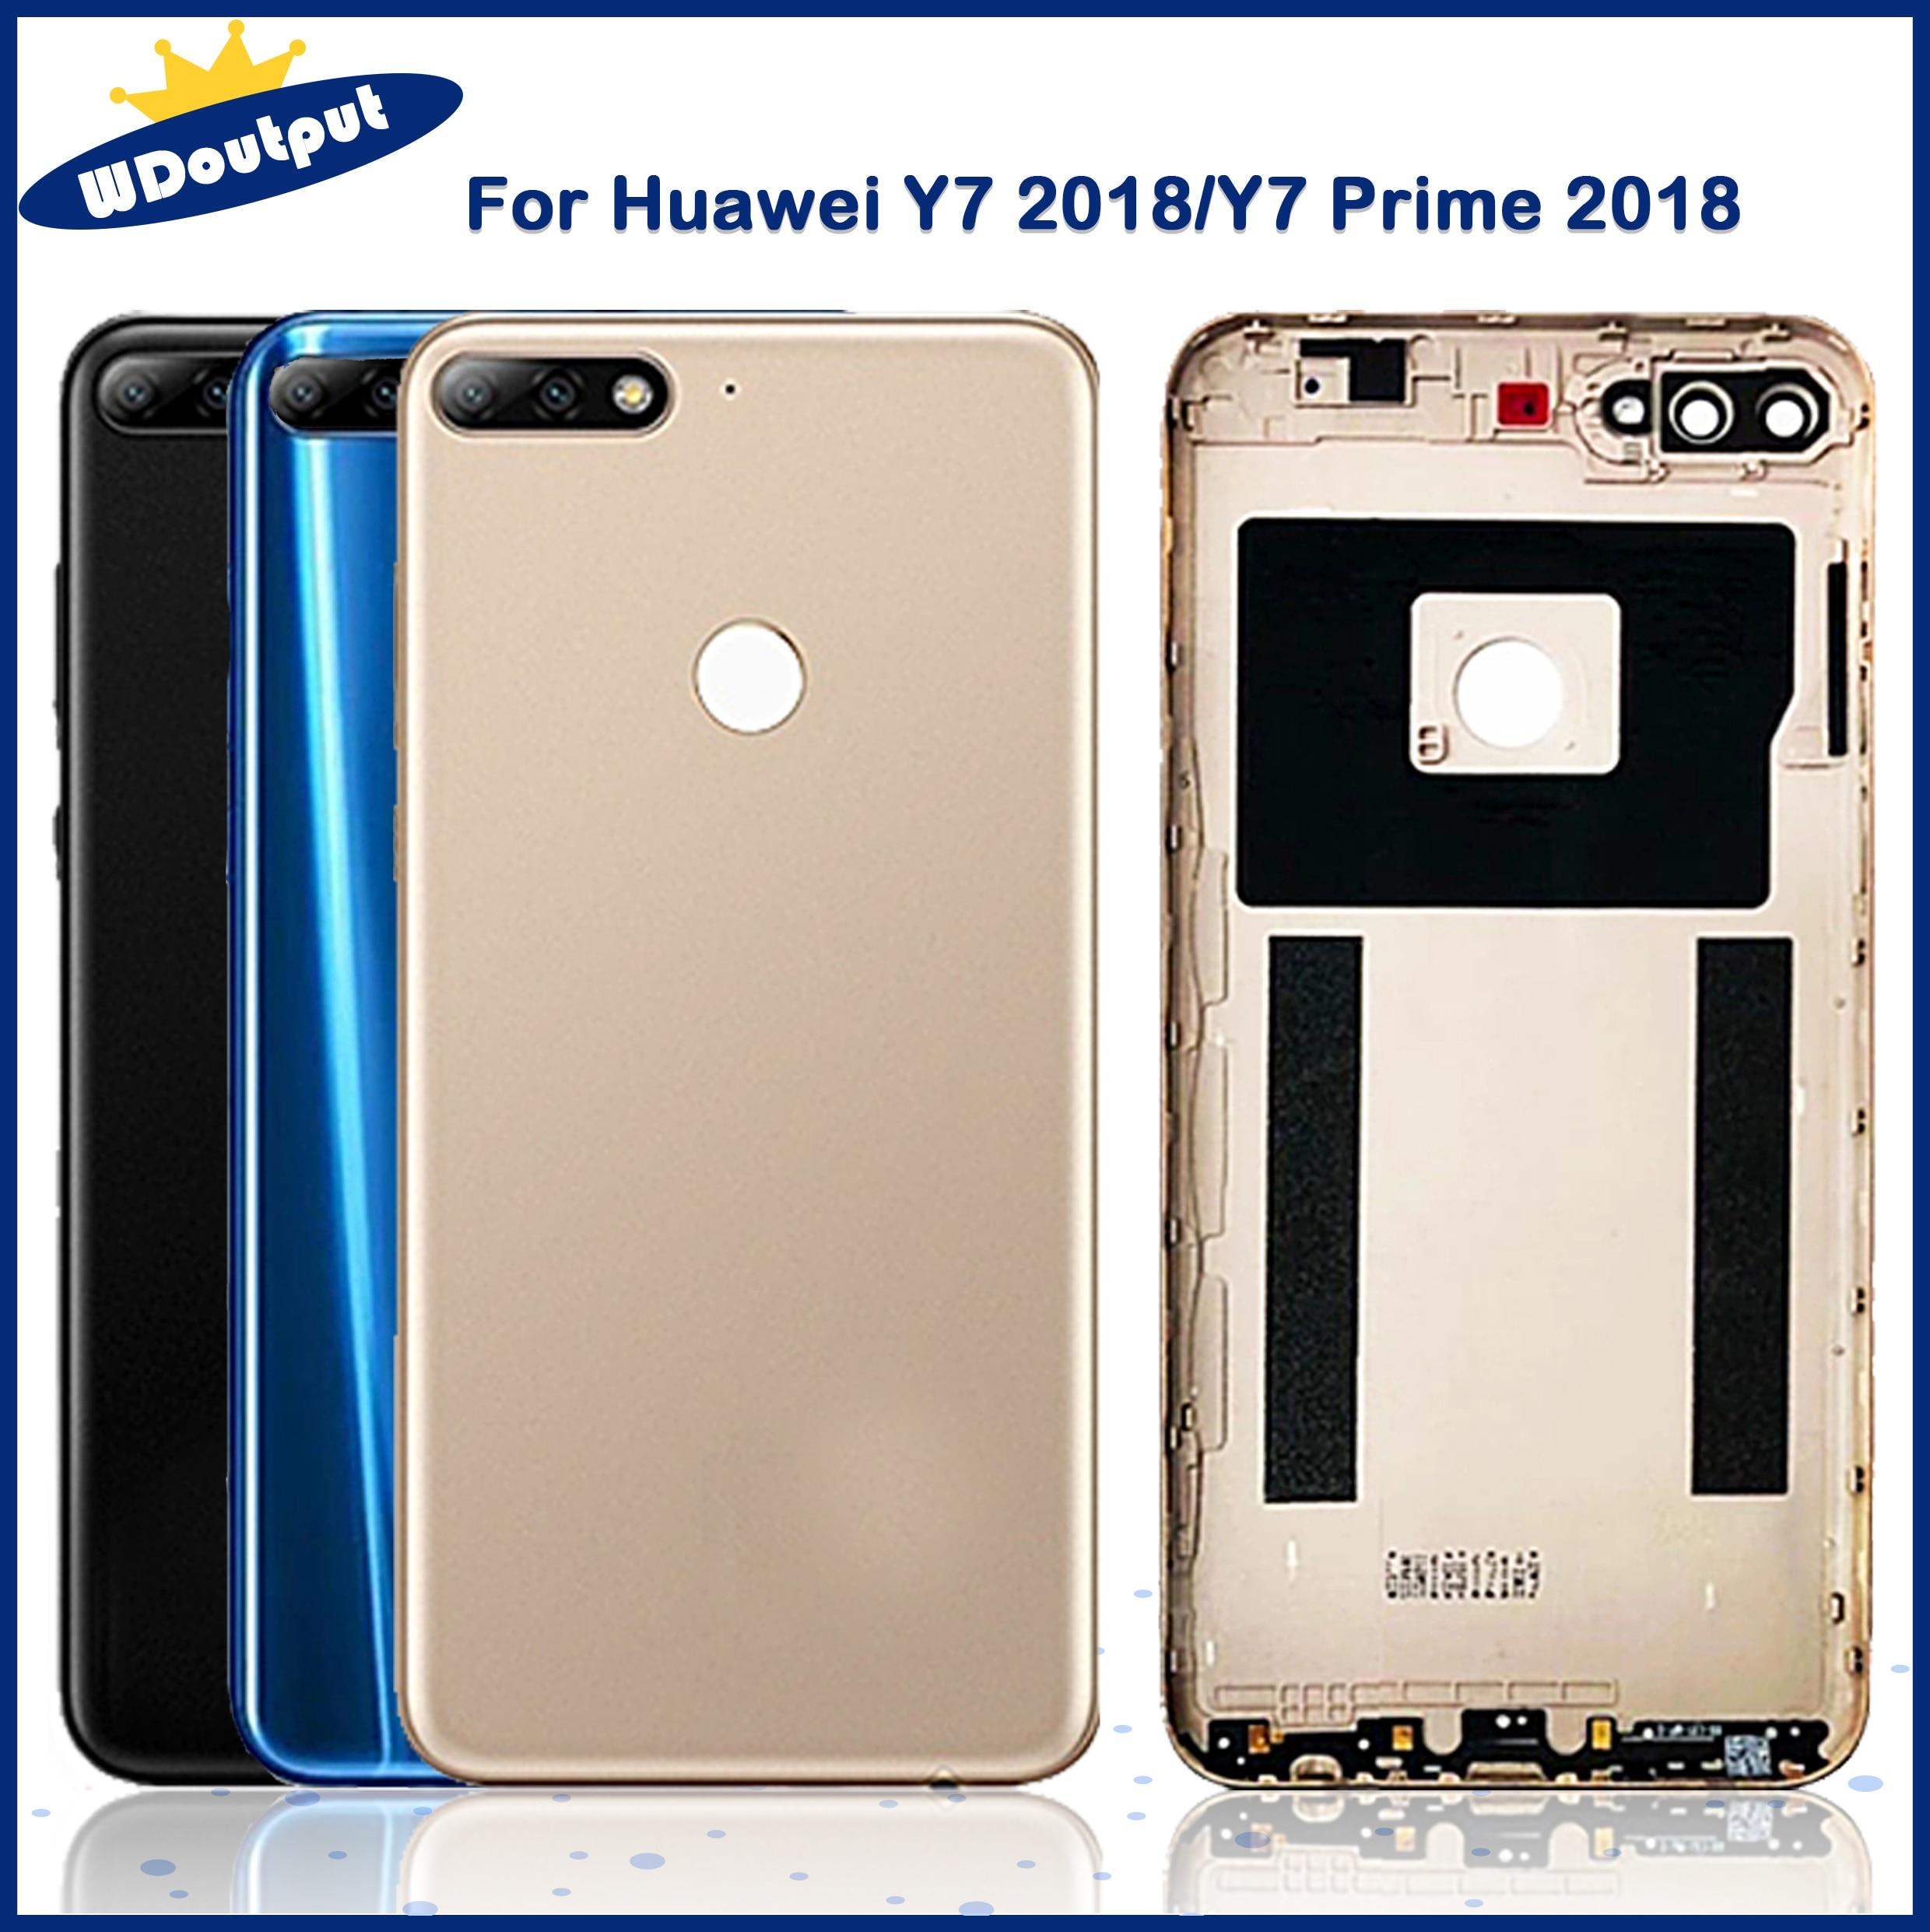 الأصلي لهواوي Y7 2018 / Y7 Prime 2018 / Y7 برو 2018 عودة غطاء البطارية الإسكان استبدال أجزاء